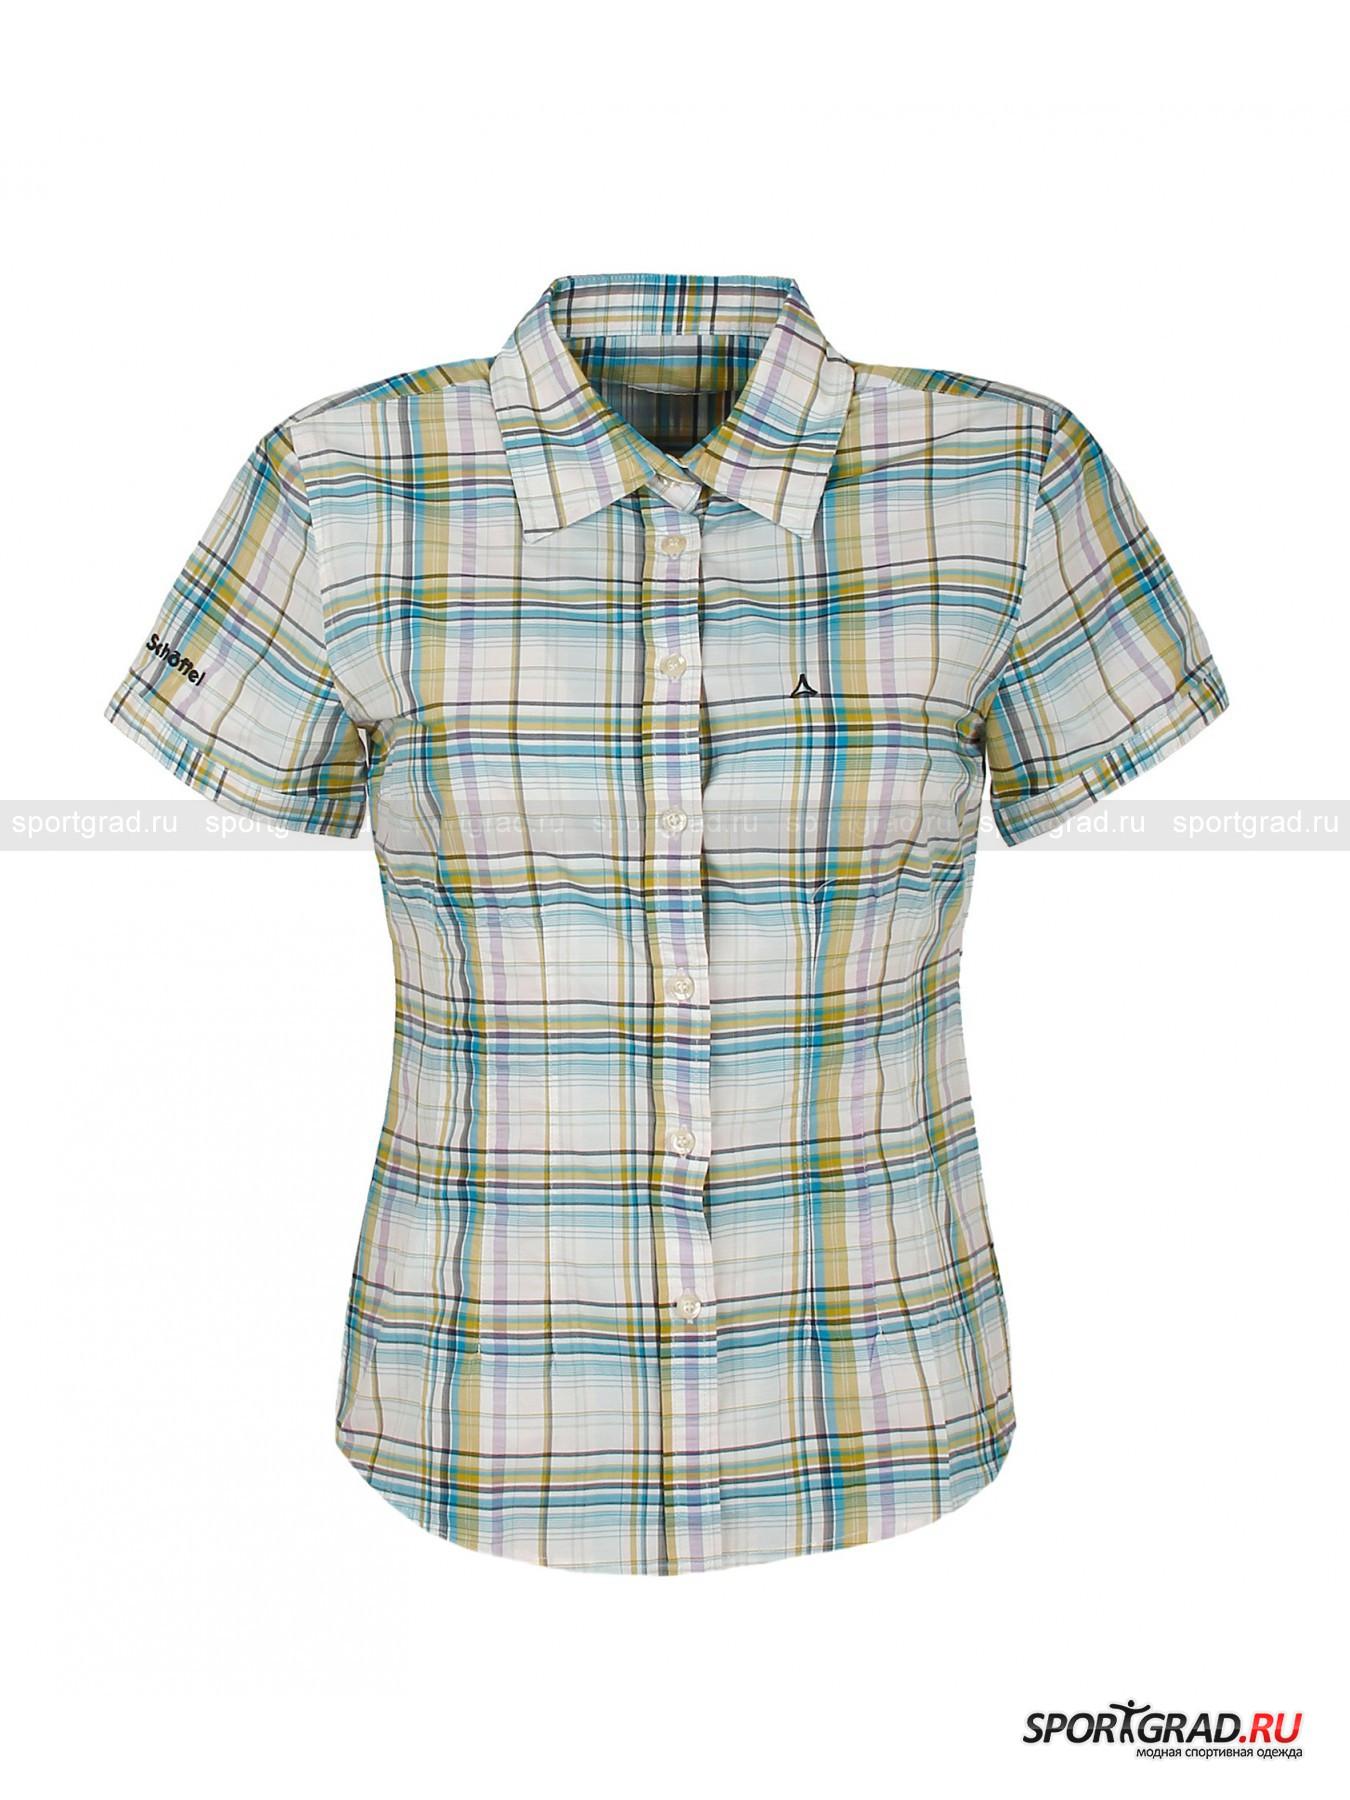 Рубашка женская SCHOFFEL Nande UV от Спортград